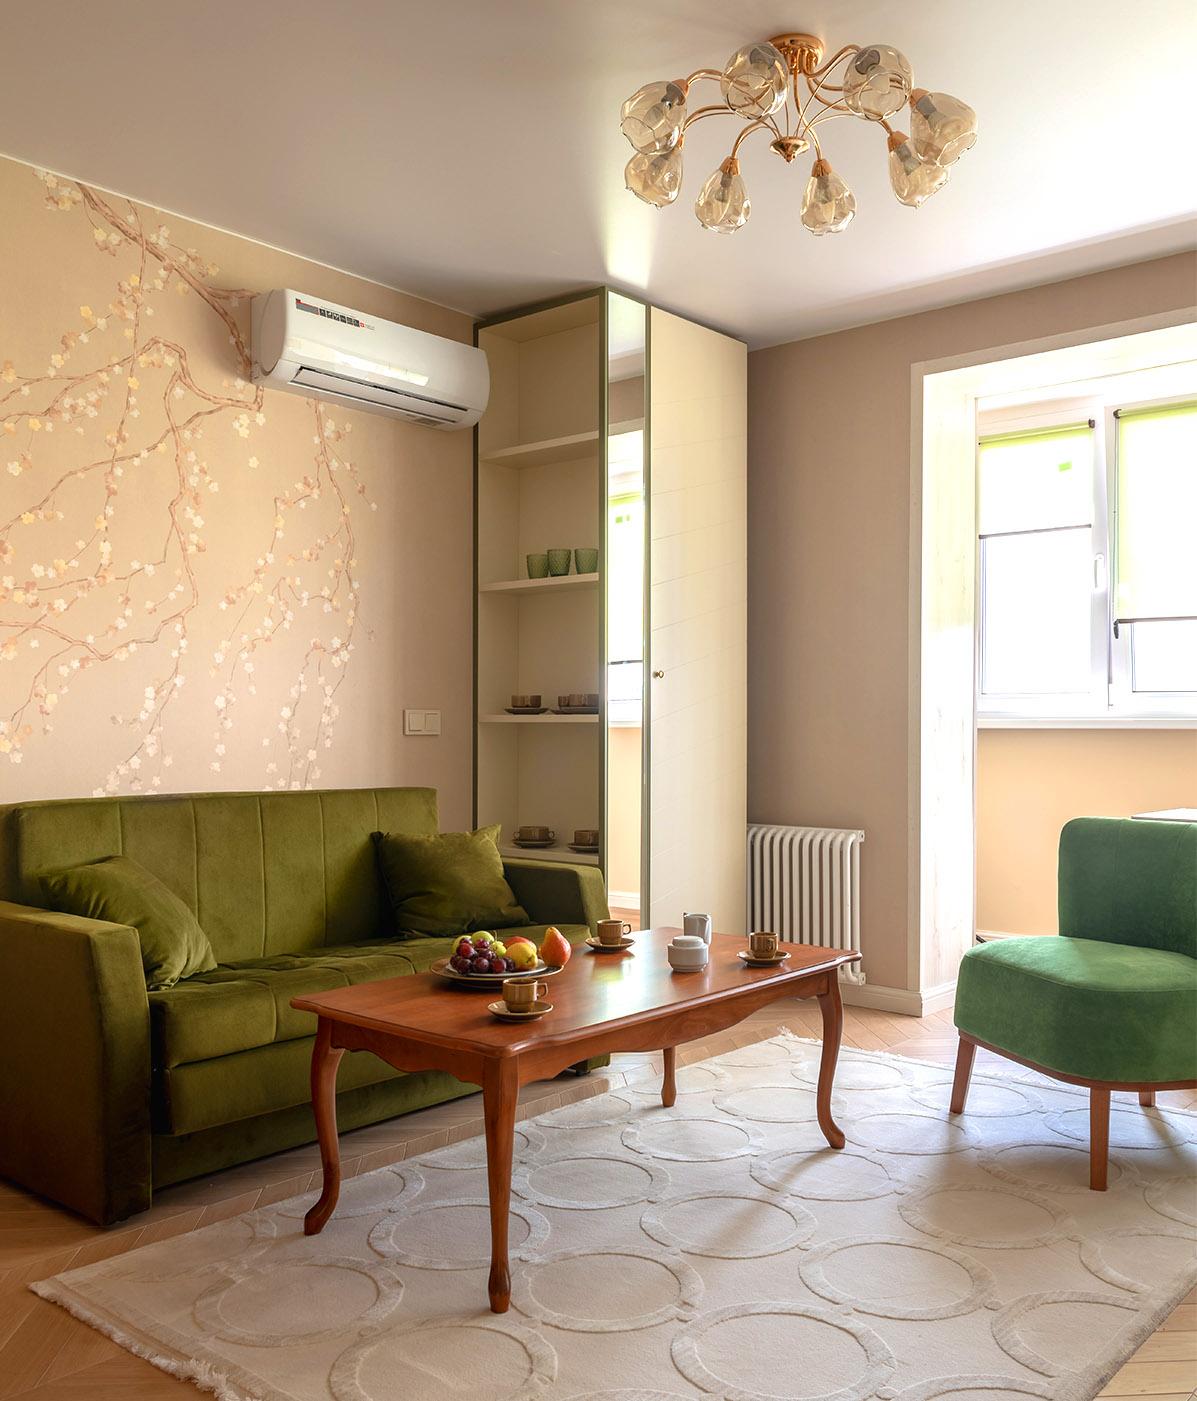 Оконный блок между гостиной и лоджией демонтировали и обшили панелями из ПВХ